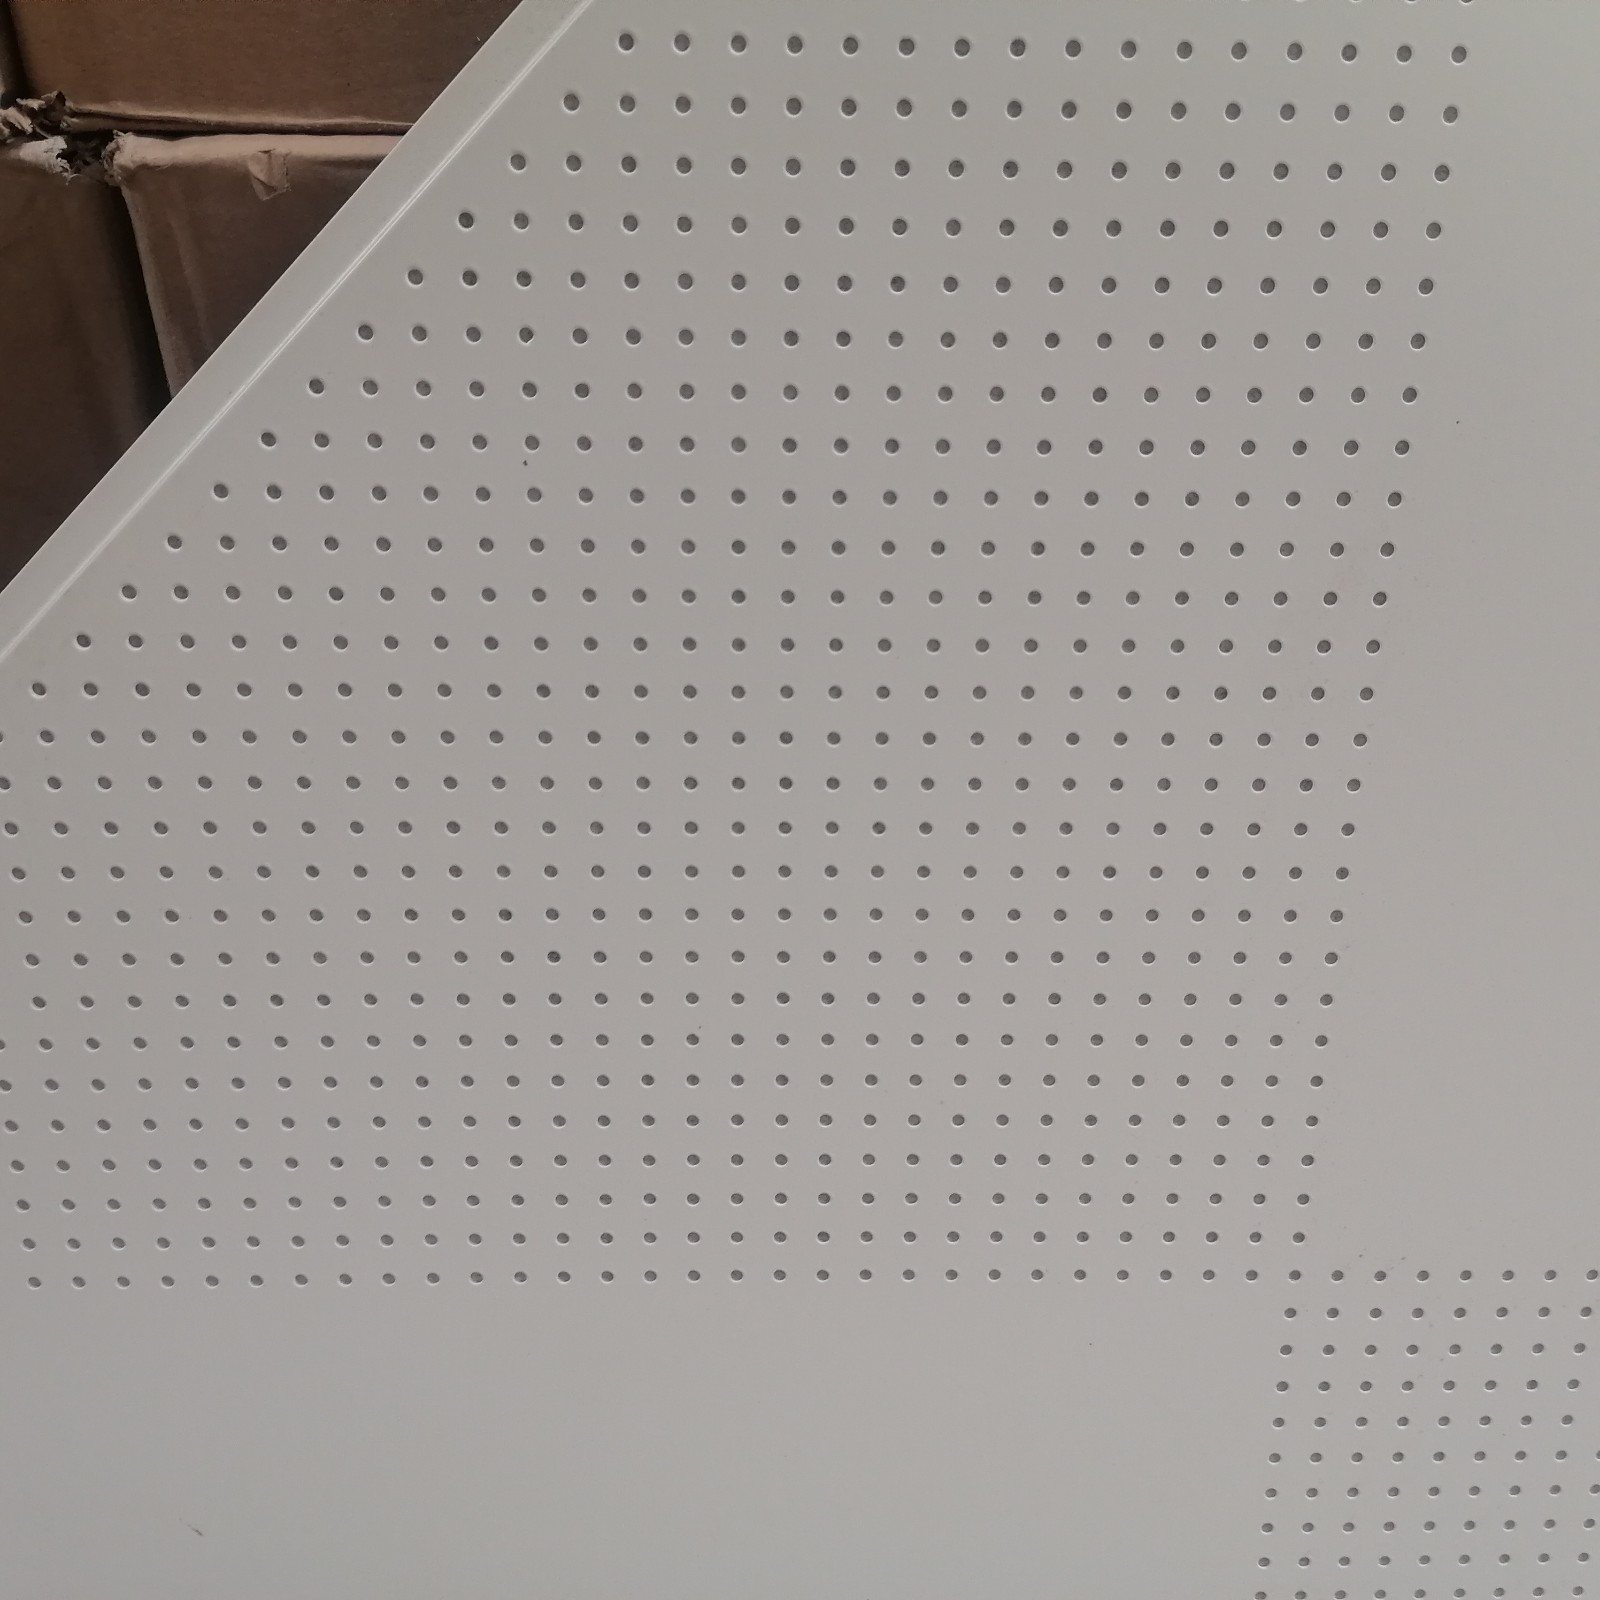 供应跌级铝扣板 明架冲孔铝扣板 南宁铝扣板生产厂家